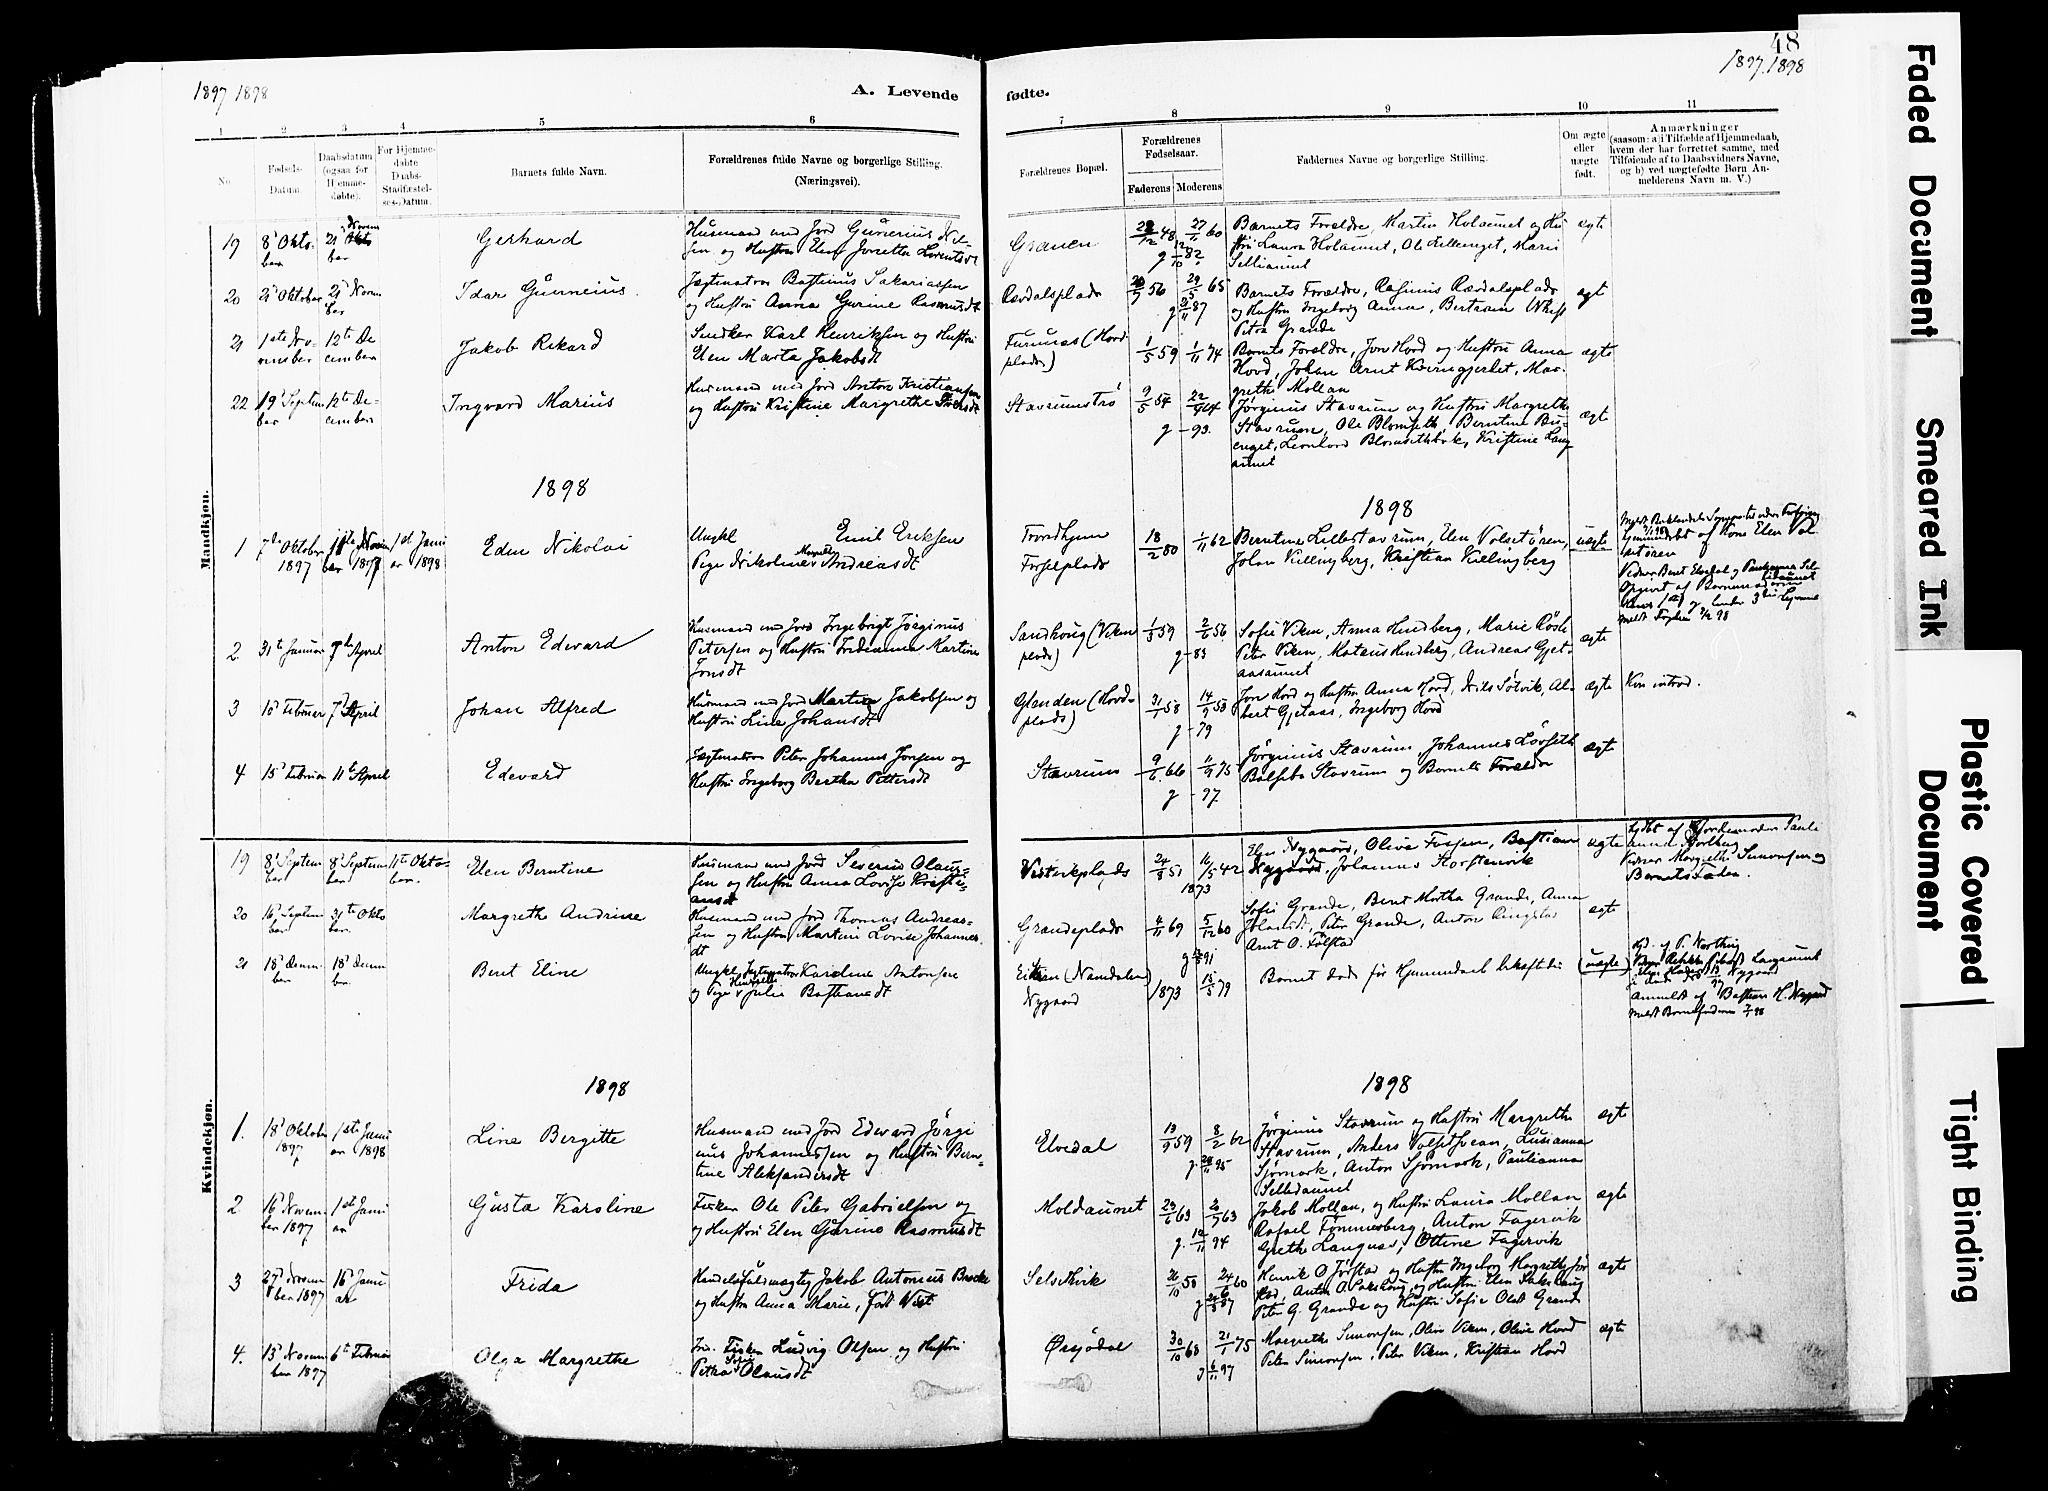 SAT, Ministerialprotokoller, klokkerbøker og fødselsregistre - Nord-Trøndelag, 744/L0420: Ministerialbok nr. 744A04, 1882-1904, s. 48